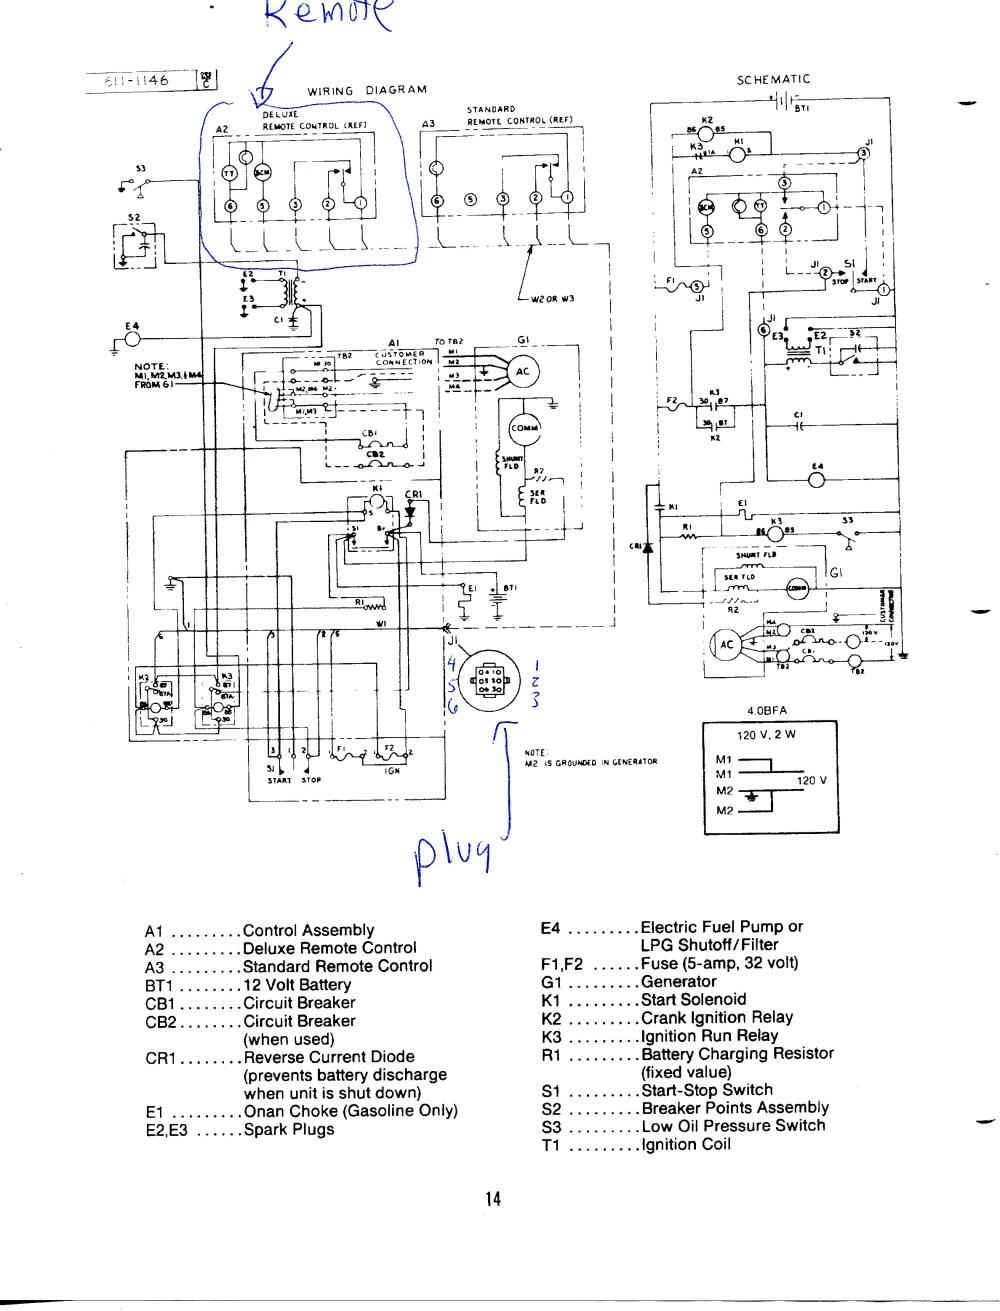 medium resolution of 110 schematic wiring backfeed diagram today wiring diagram 110v schematic wiring diagram free download schematic